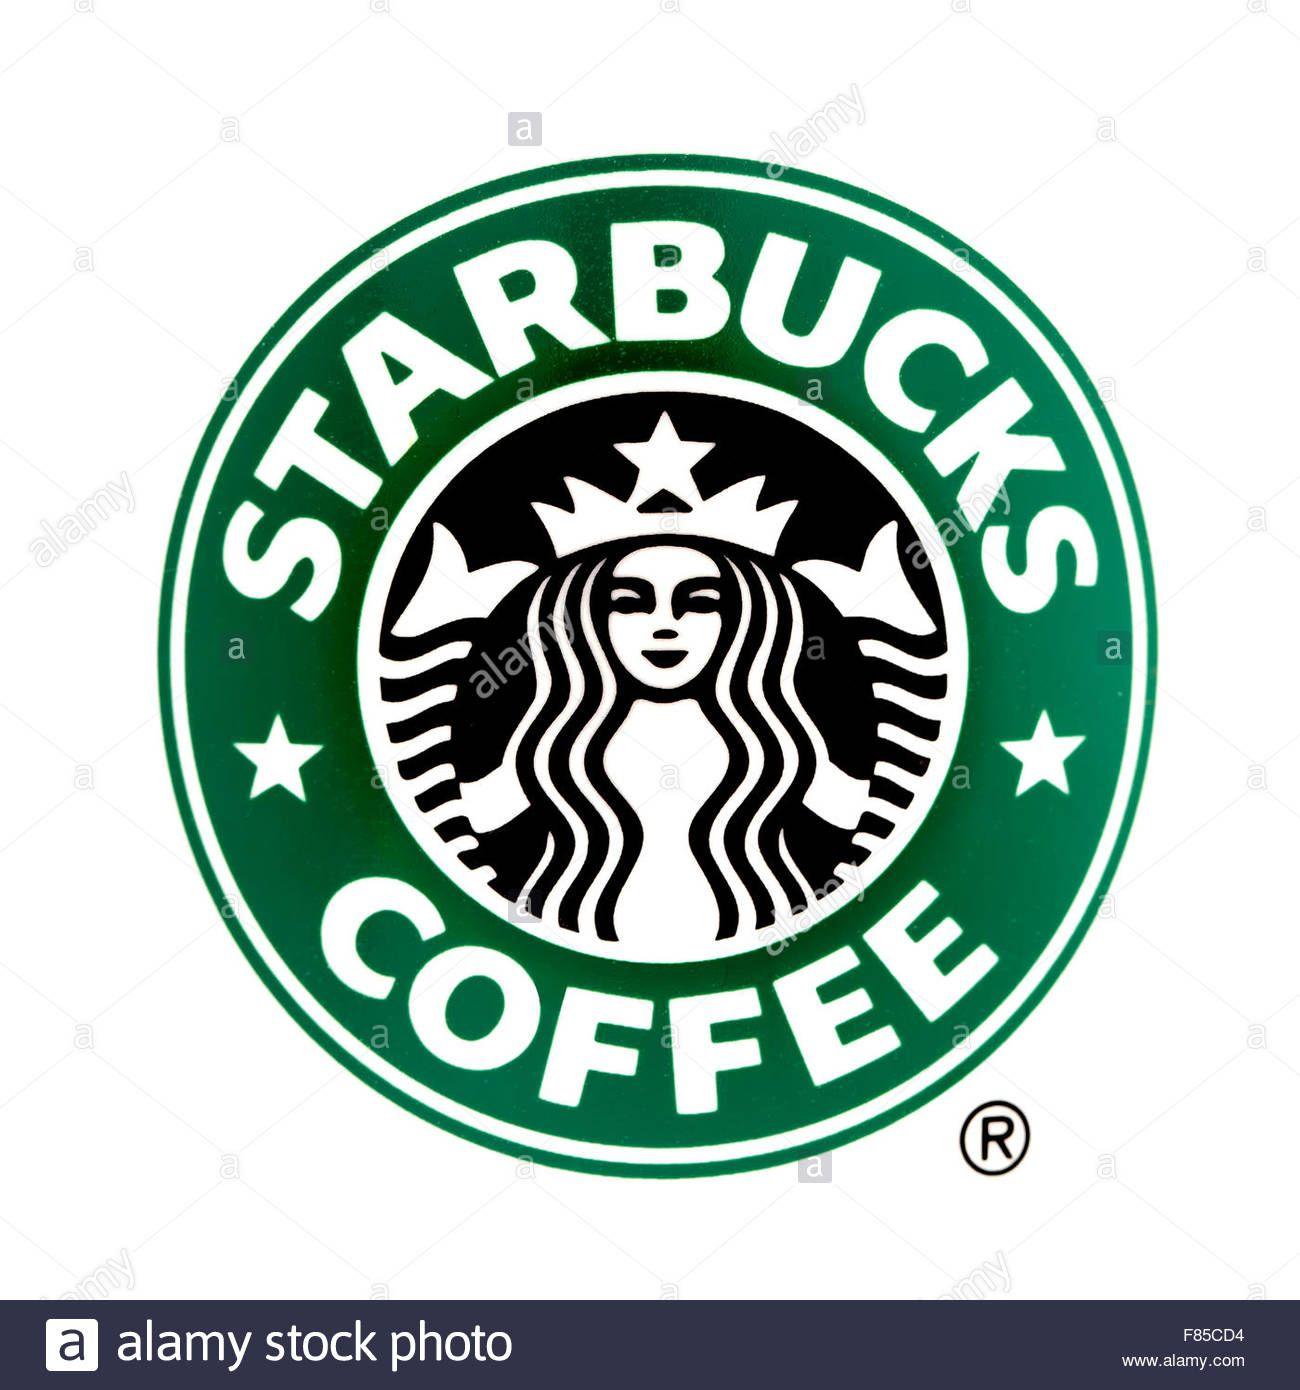 Stock Market Symbol For Starbucks Slot Machines Pinterest